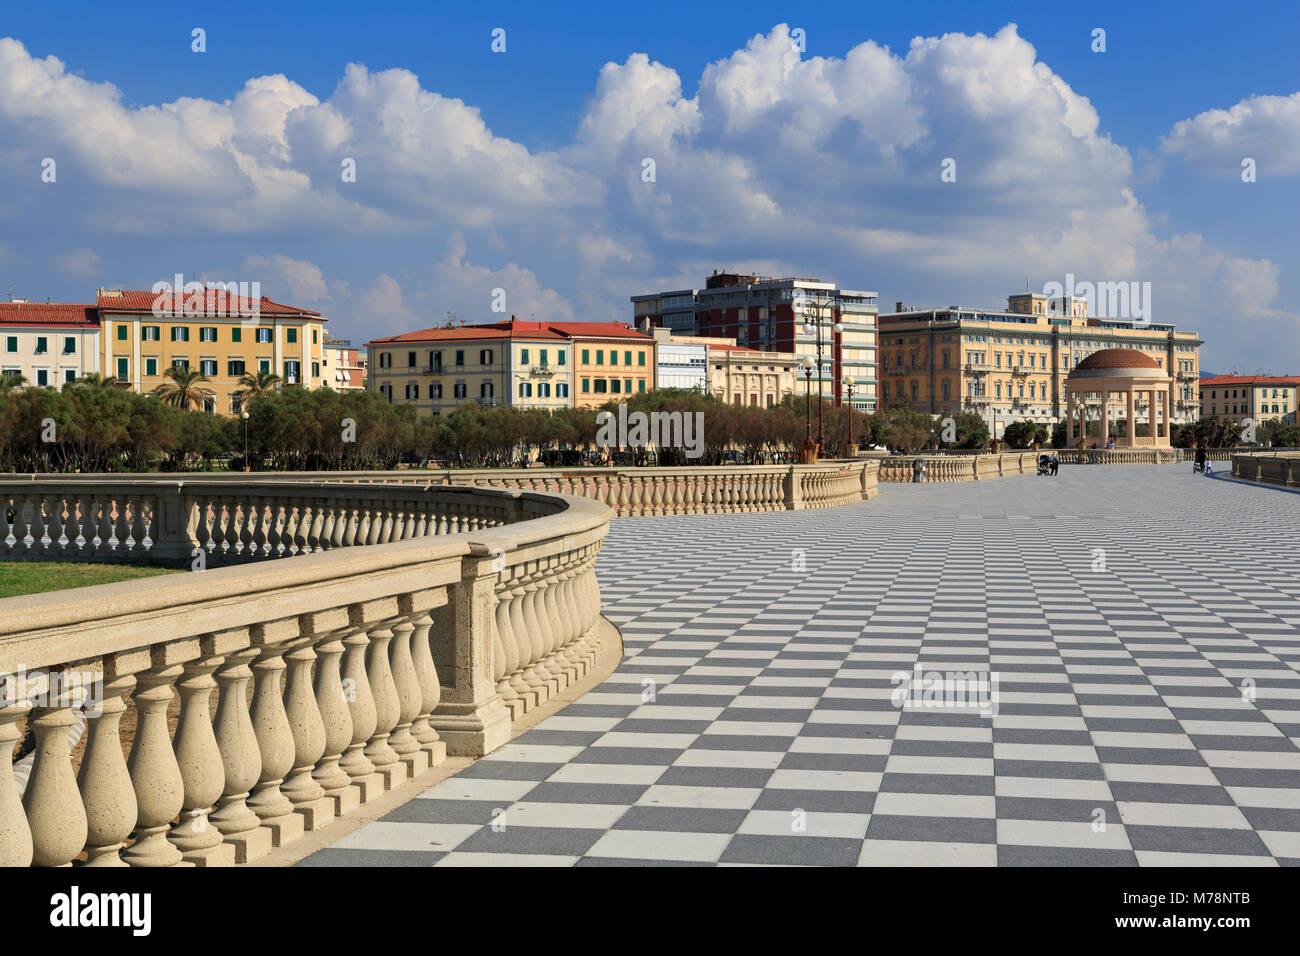 Terrazza Mascagni, Livorno, Tuscany, Italy, Europe - Stock Image